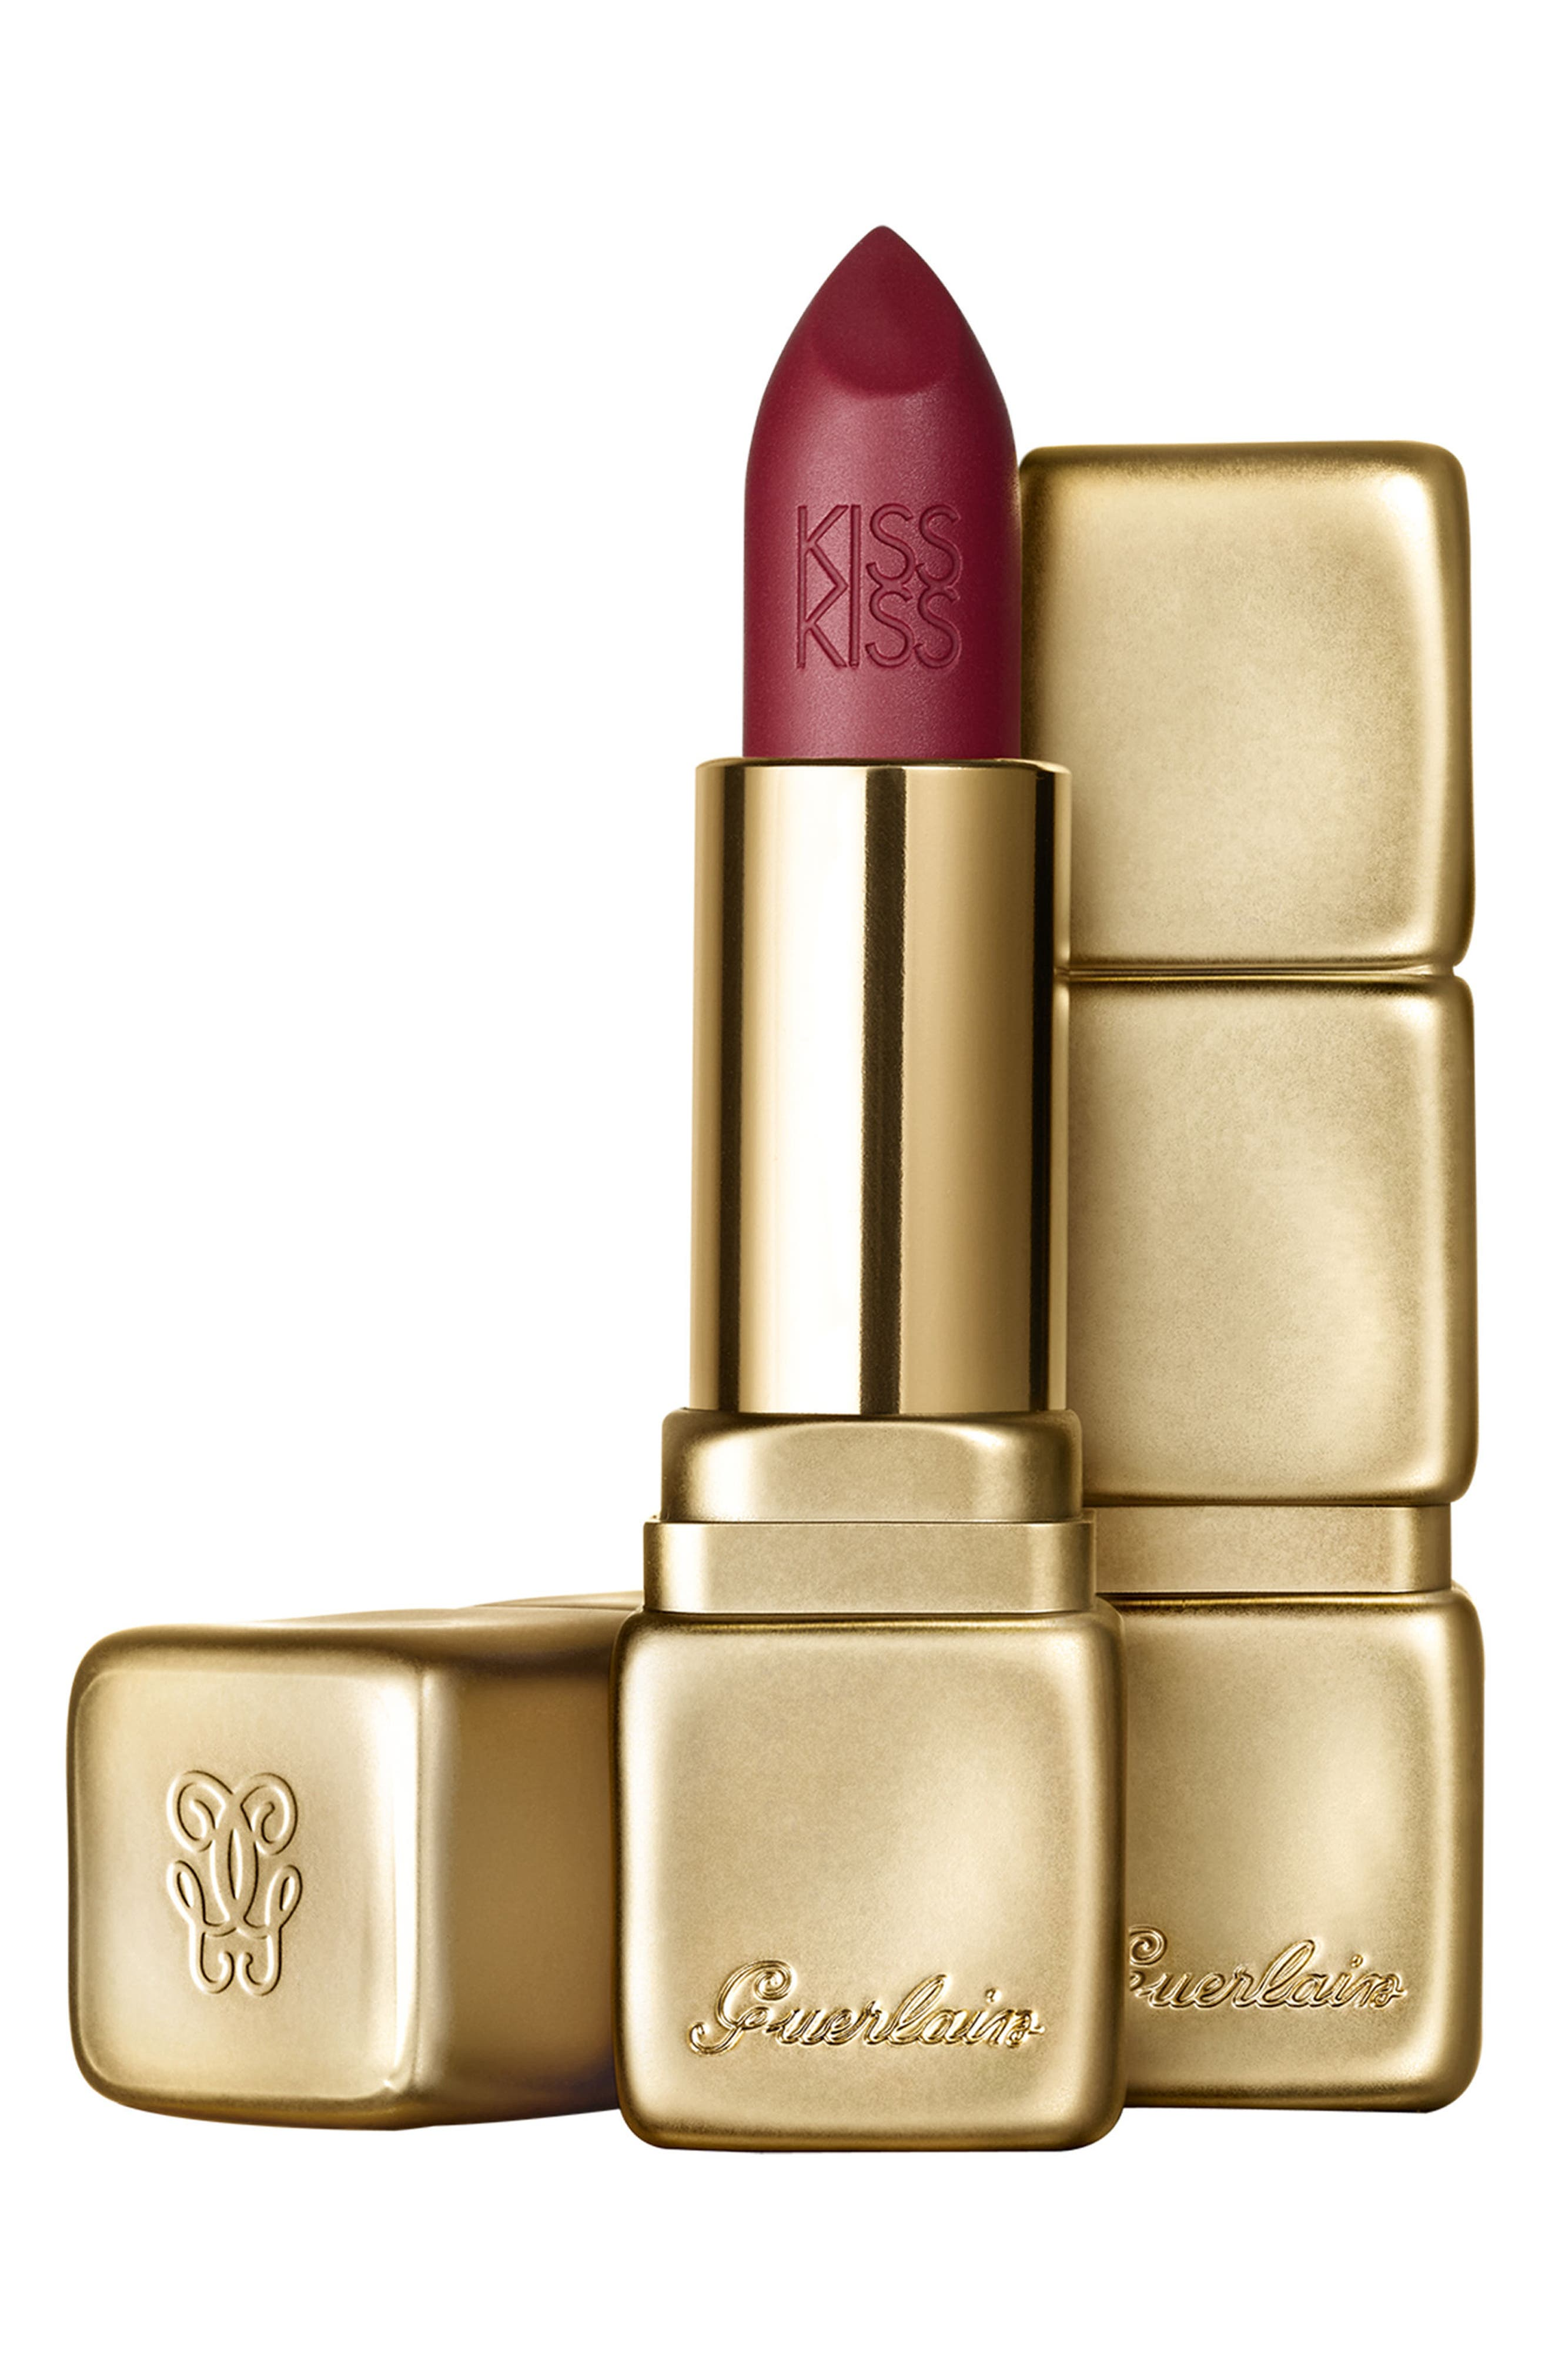 Guerlain KissKiss Matte Lipstick